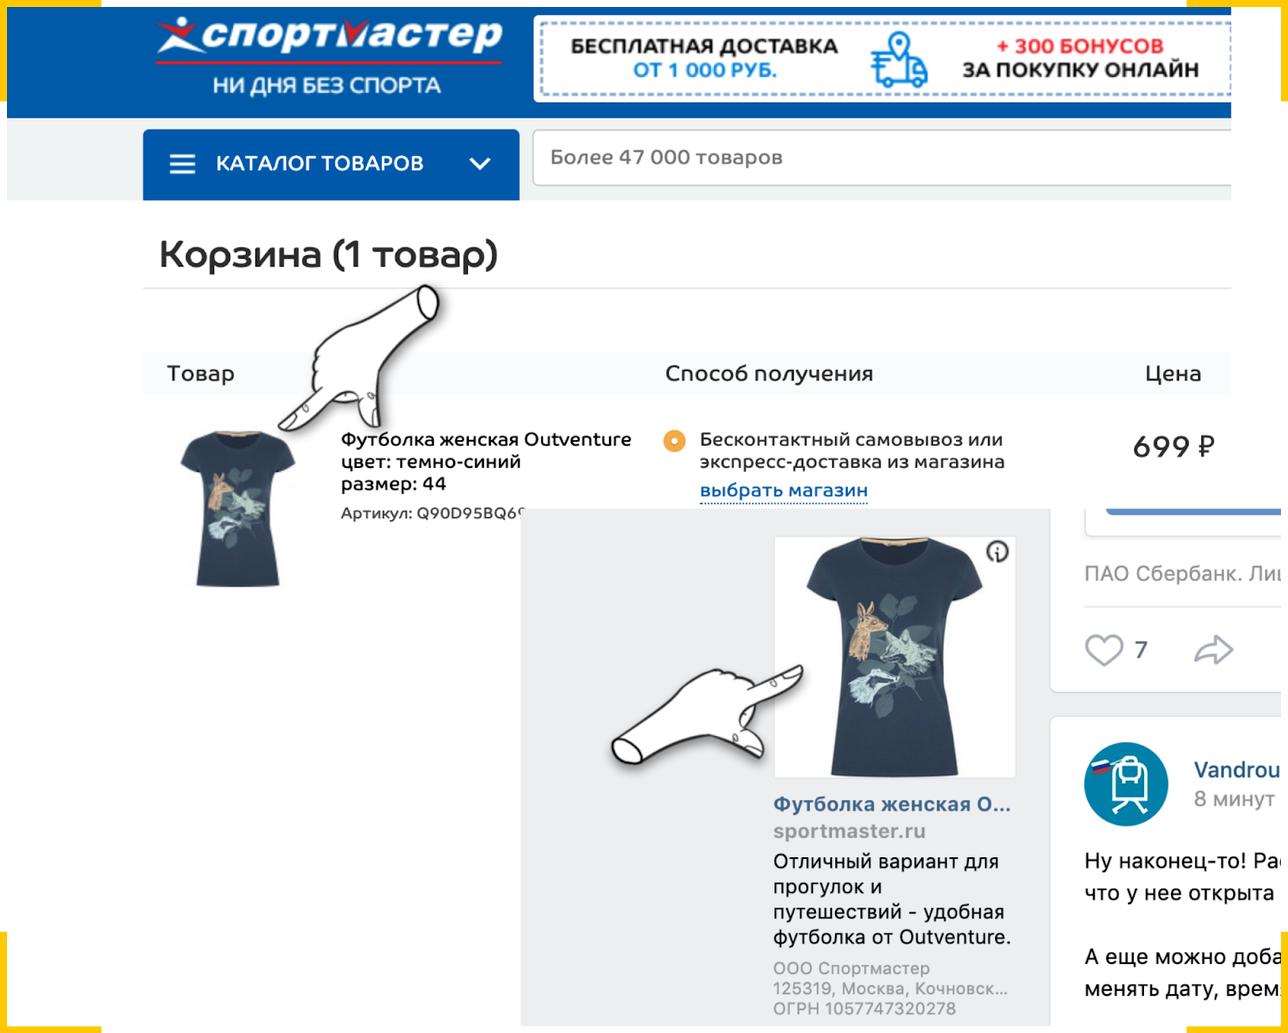 Пример использования ретаргетинга и динамических объявлений в таргетированной рекламе интернет магазина для работы с брошенными корзинами